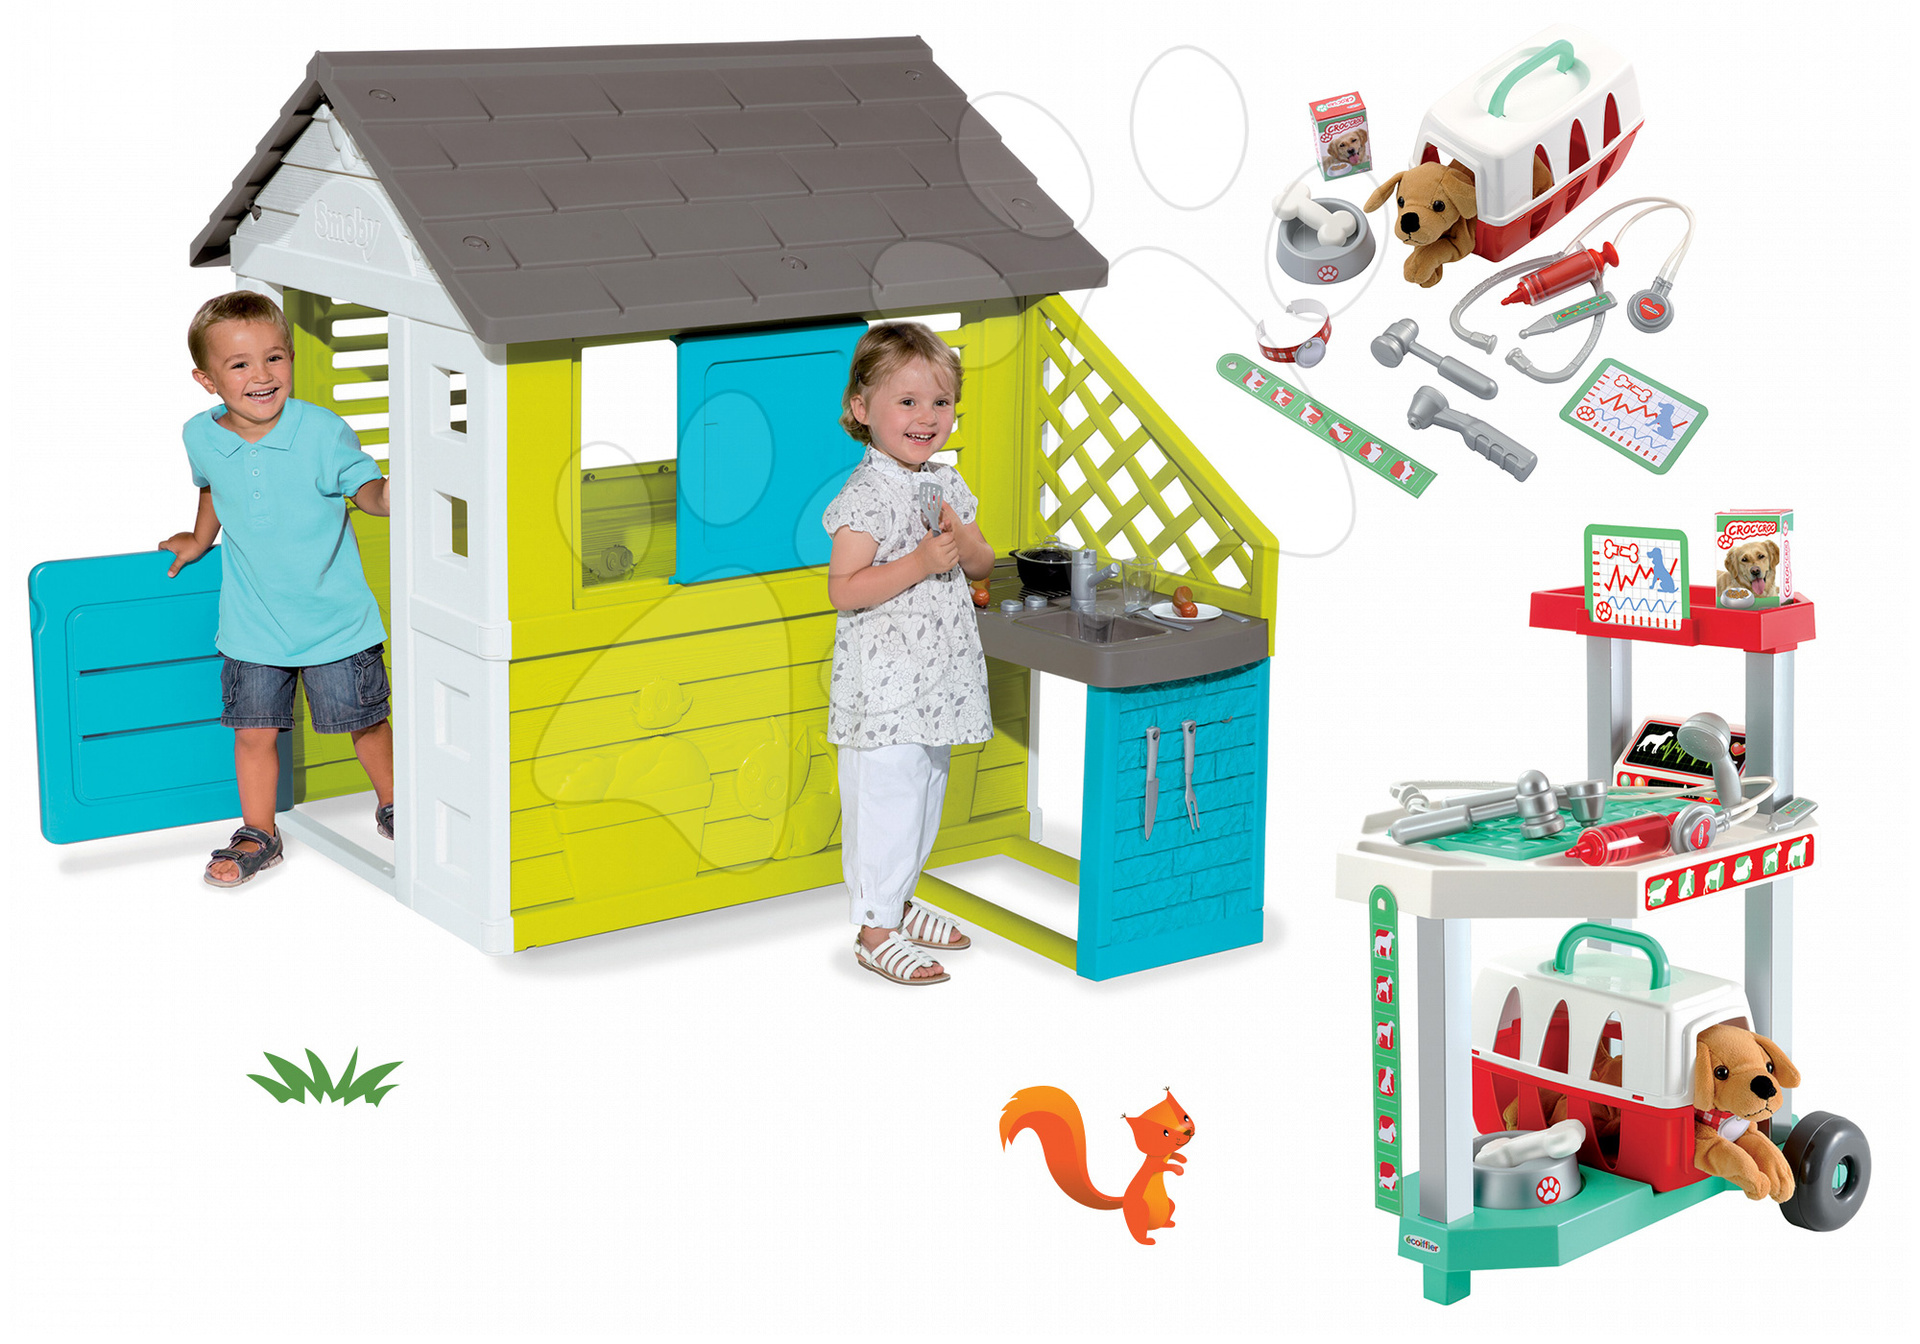 Set domeček Pretty Blue Smoby s letní kuchyňkou a veterinární klinika s pejskem